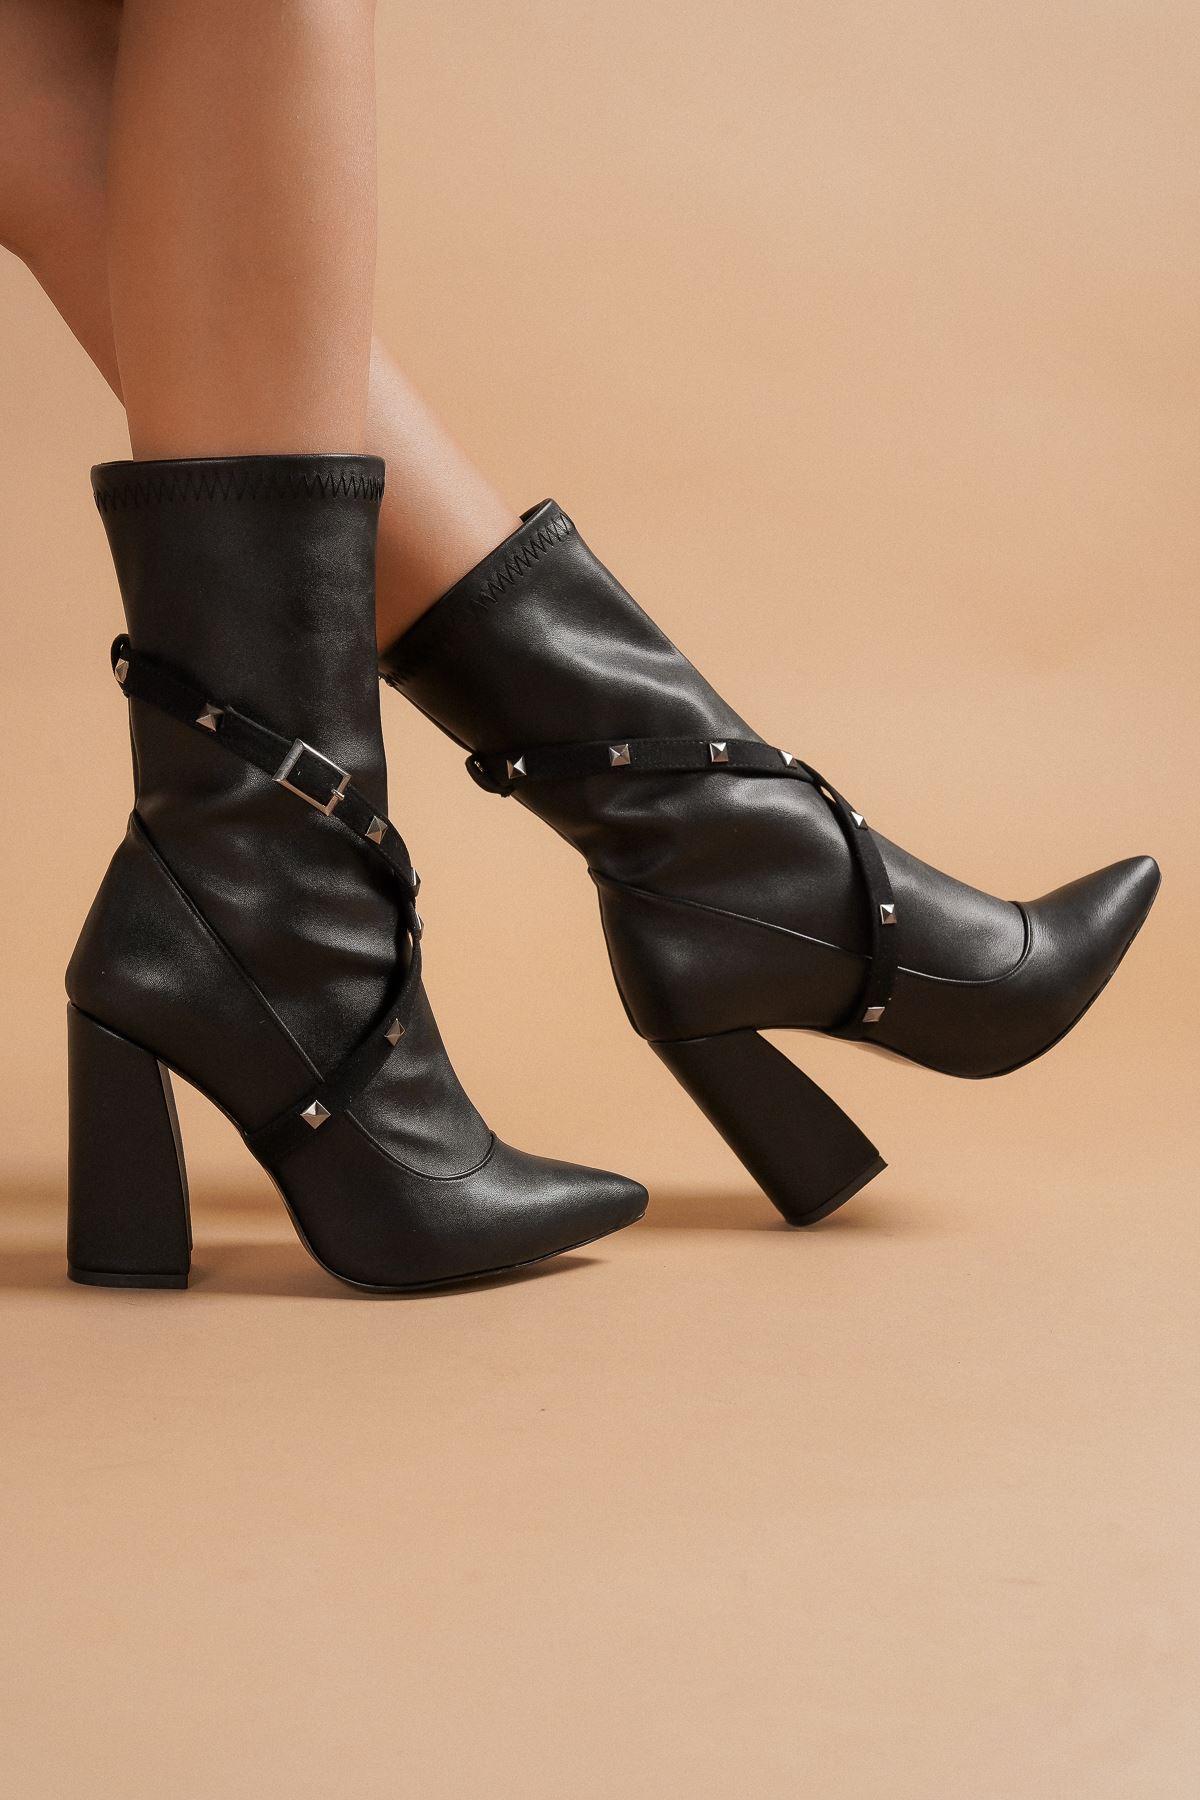 Milano Siyah Cilt Topuklu Kadın Bot